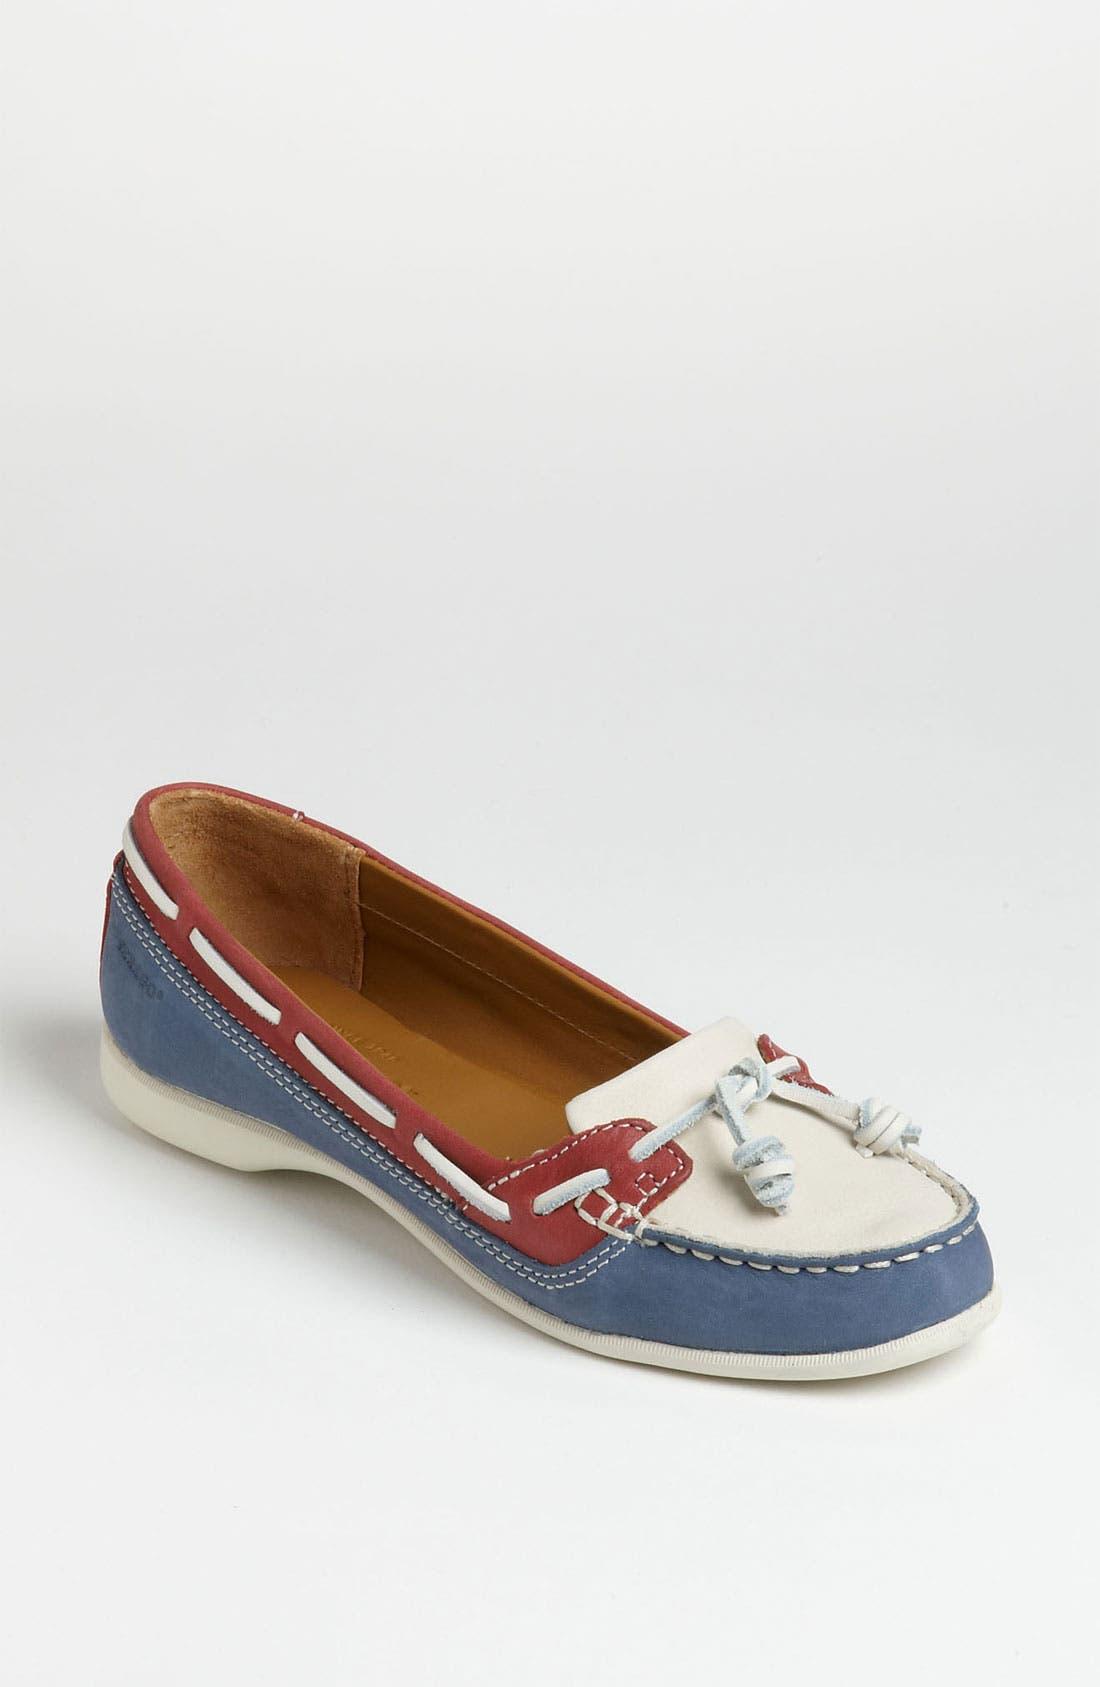 Main Image - Sebago 'Felucca' Boat Shoe